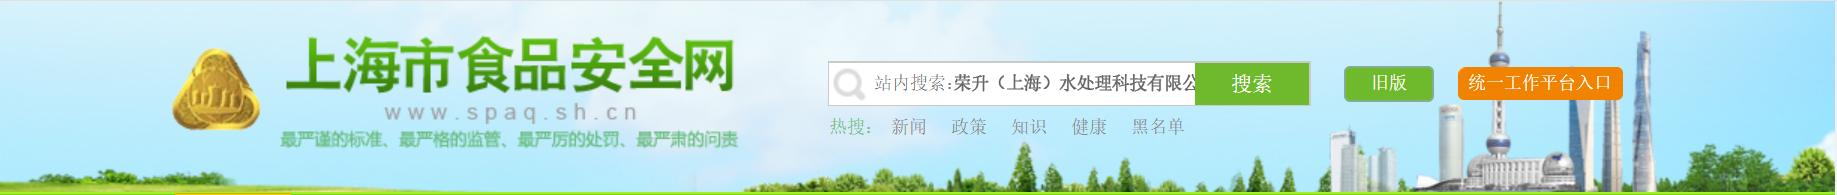 上海食品安全网